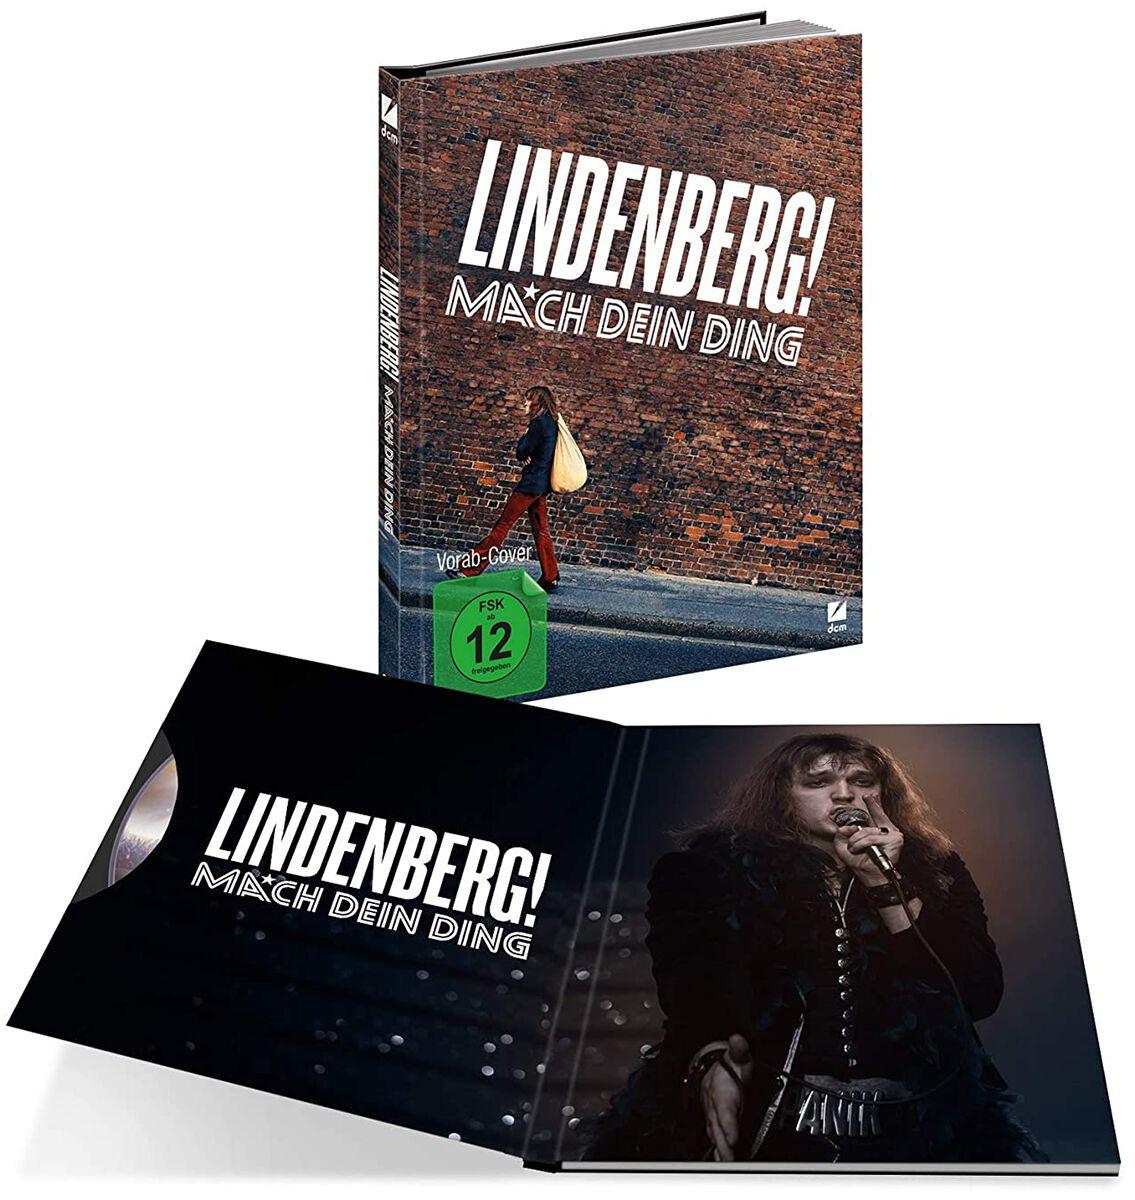 Image of Udo Lindenberg Lindenberg! Mach dein Ding Blu-ray & DVD Standard